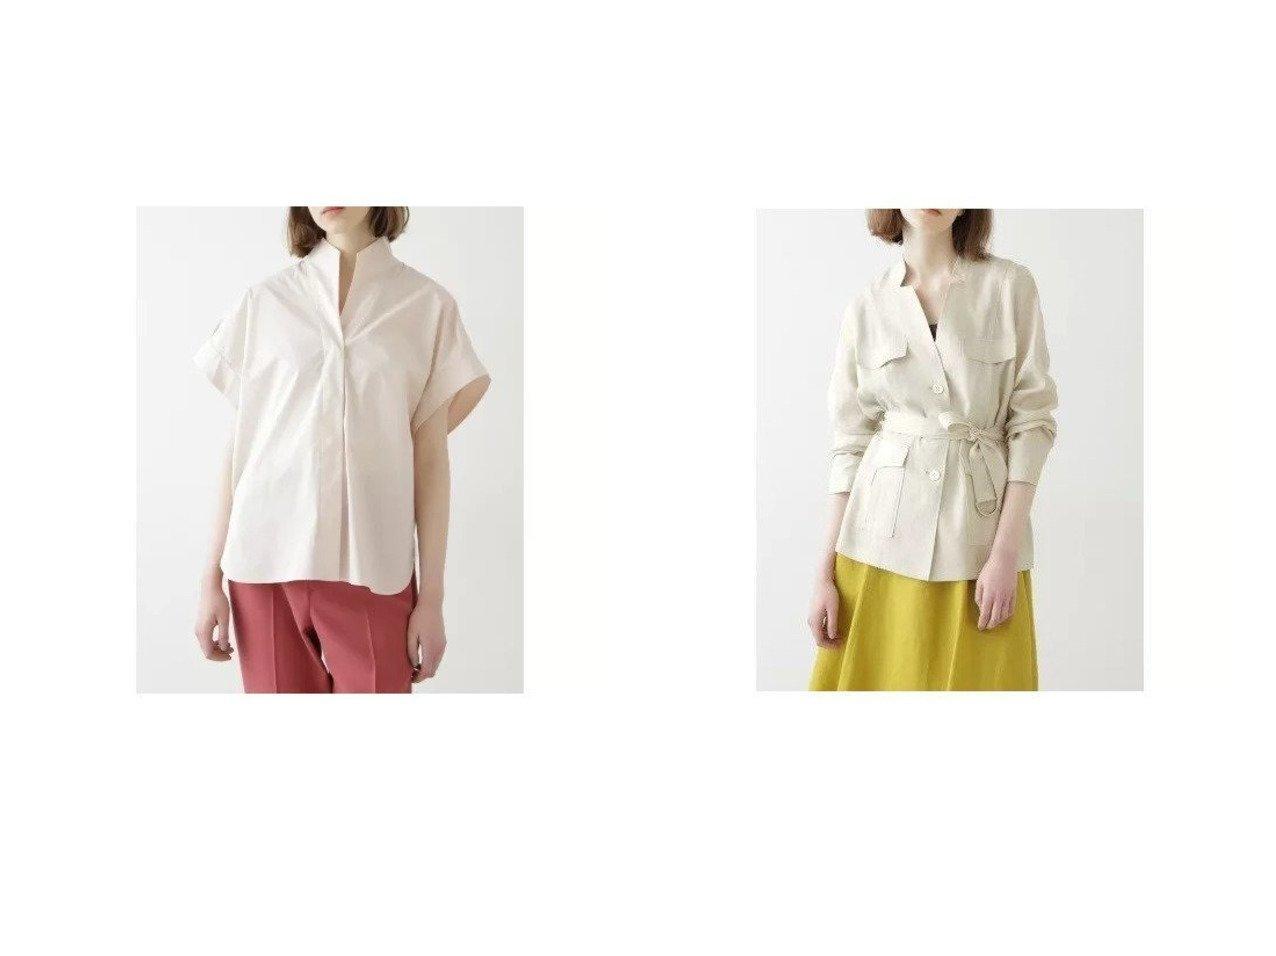 【BOSCH/ボッシュ】のスタンドハーフスリーブシャツ&ソフト麻セットアップブラウス 【トップス・カットソー】おすすめ!人気、トレンド・レディースファッションの通販 おすすめで人気の流行・トレンド、ファッションの通販商品 インテリア・家具・メンズファッション・キッズファッション・レディースファッション・服の通販 founy(ファニー) https://founy.com/ ファッション Fashion レディースファッション WOMEN トップス・カットソー Tops/Tshirt シャツ/ブラウス Shirts/Blouses セットアップ Setup トップス Tops スタンダード ストレッチ フロント ブロード ポンチョ マニッシュ リラックス ジャケット セットアップ リネン |ID:crp329100000048331